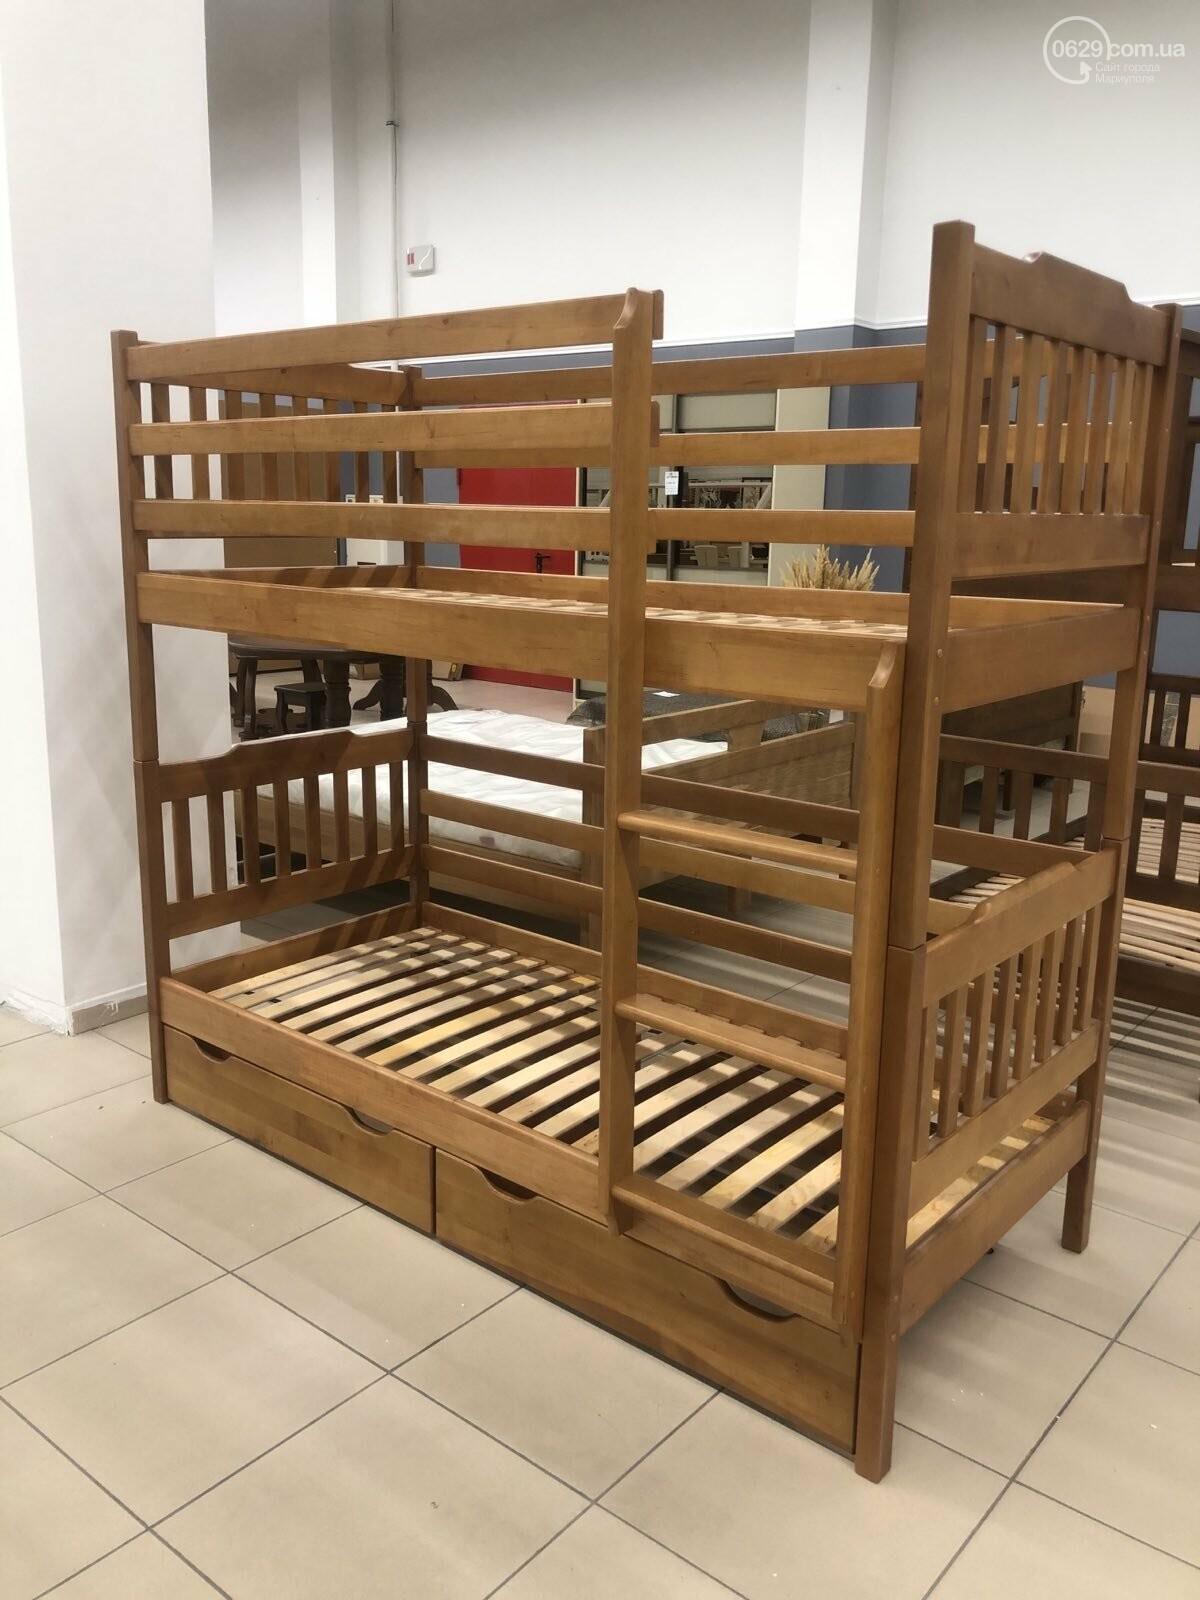 Салон Арт-Мебель приглашает на презентацию новой коллекцию мебели! Только 16, 17, 18 октября скидки каждому покупателю, фото-49